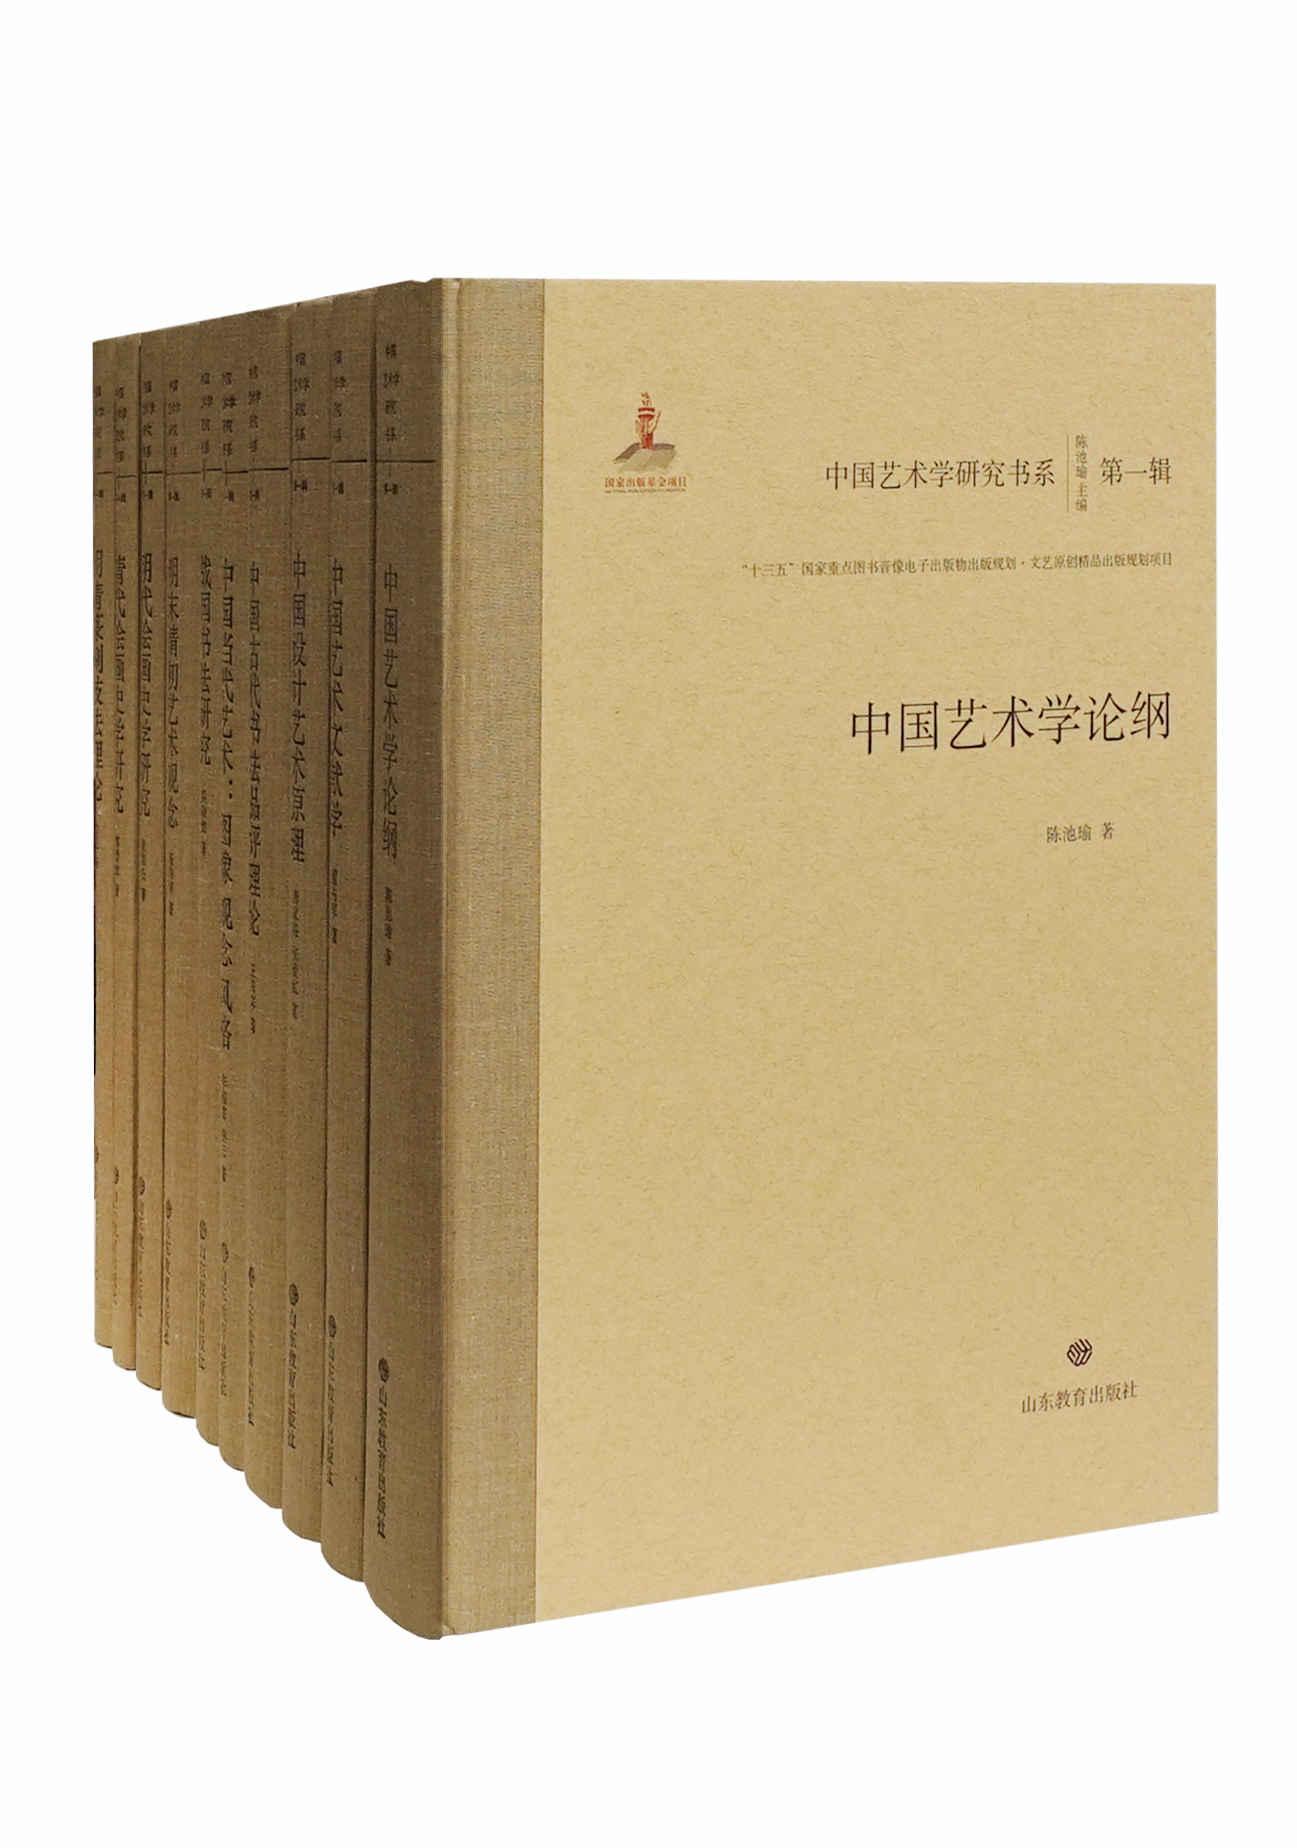 中國藝(yi)術(shu)學研究(jiu)書系(xi)(第一輯)